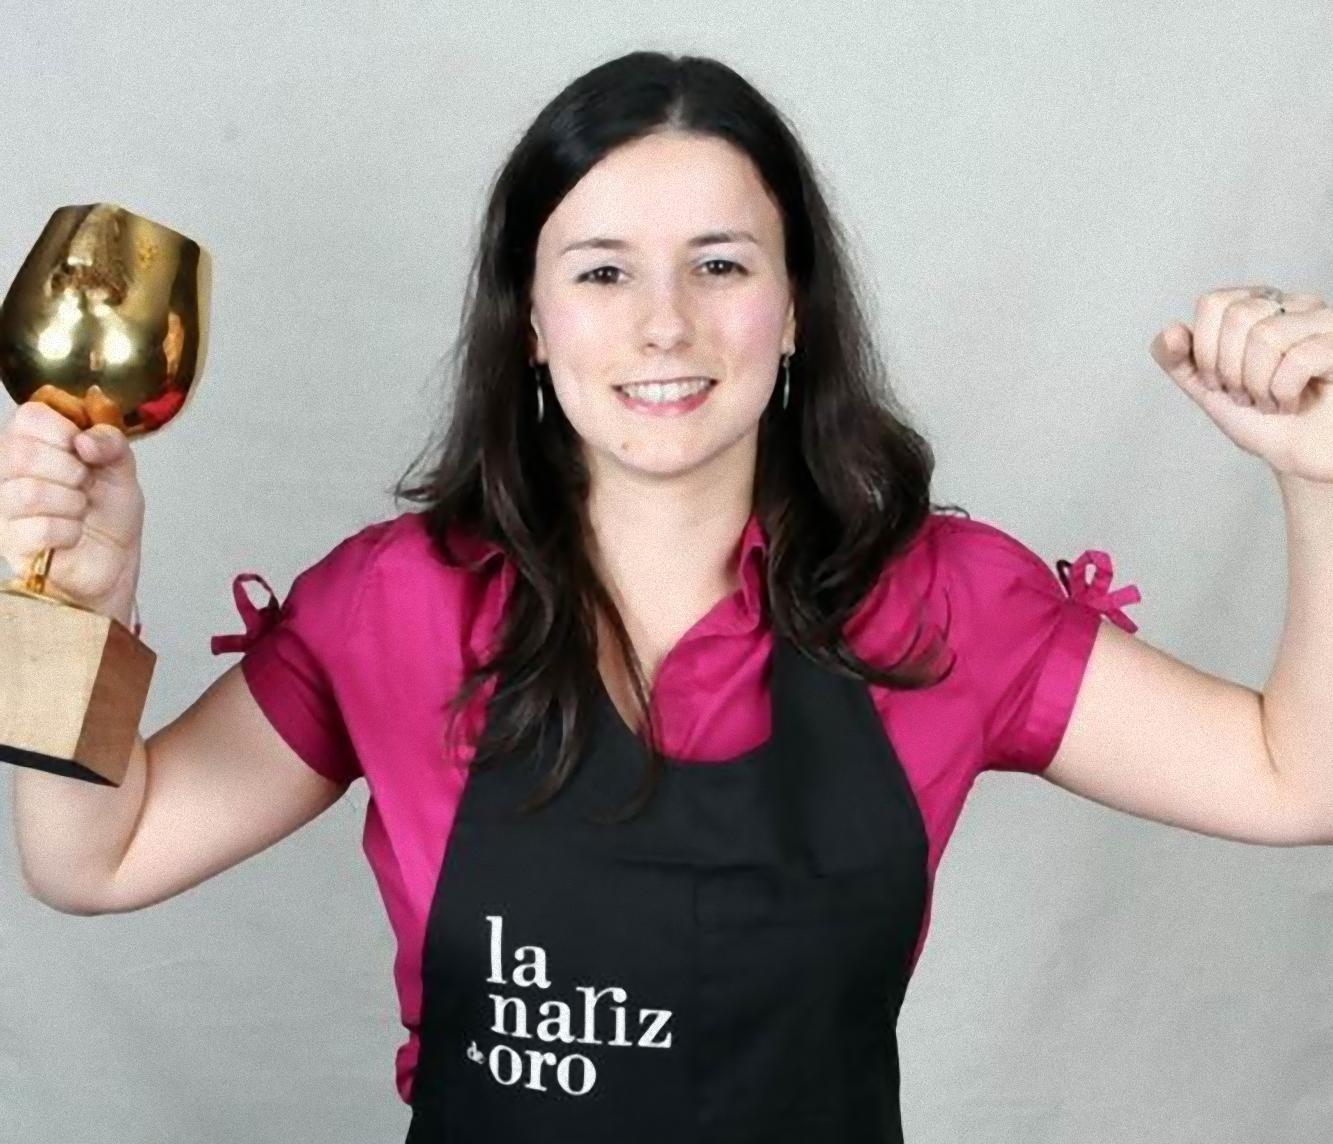 María José Vázquez nariz de oro 2009 con su premio